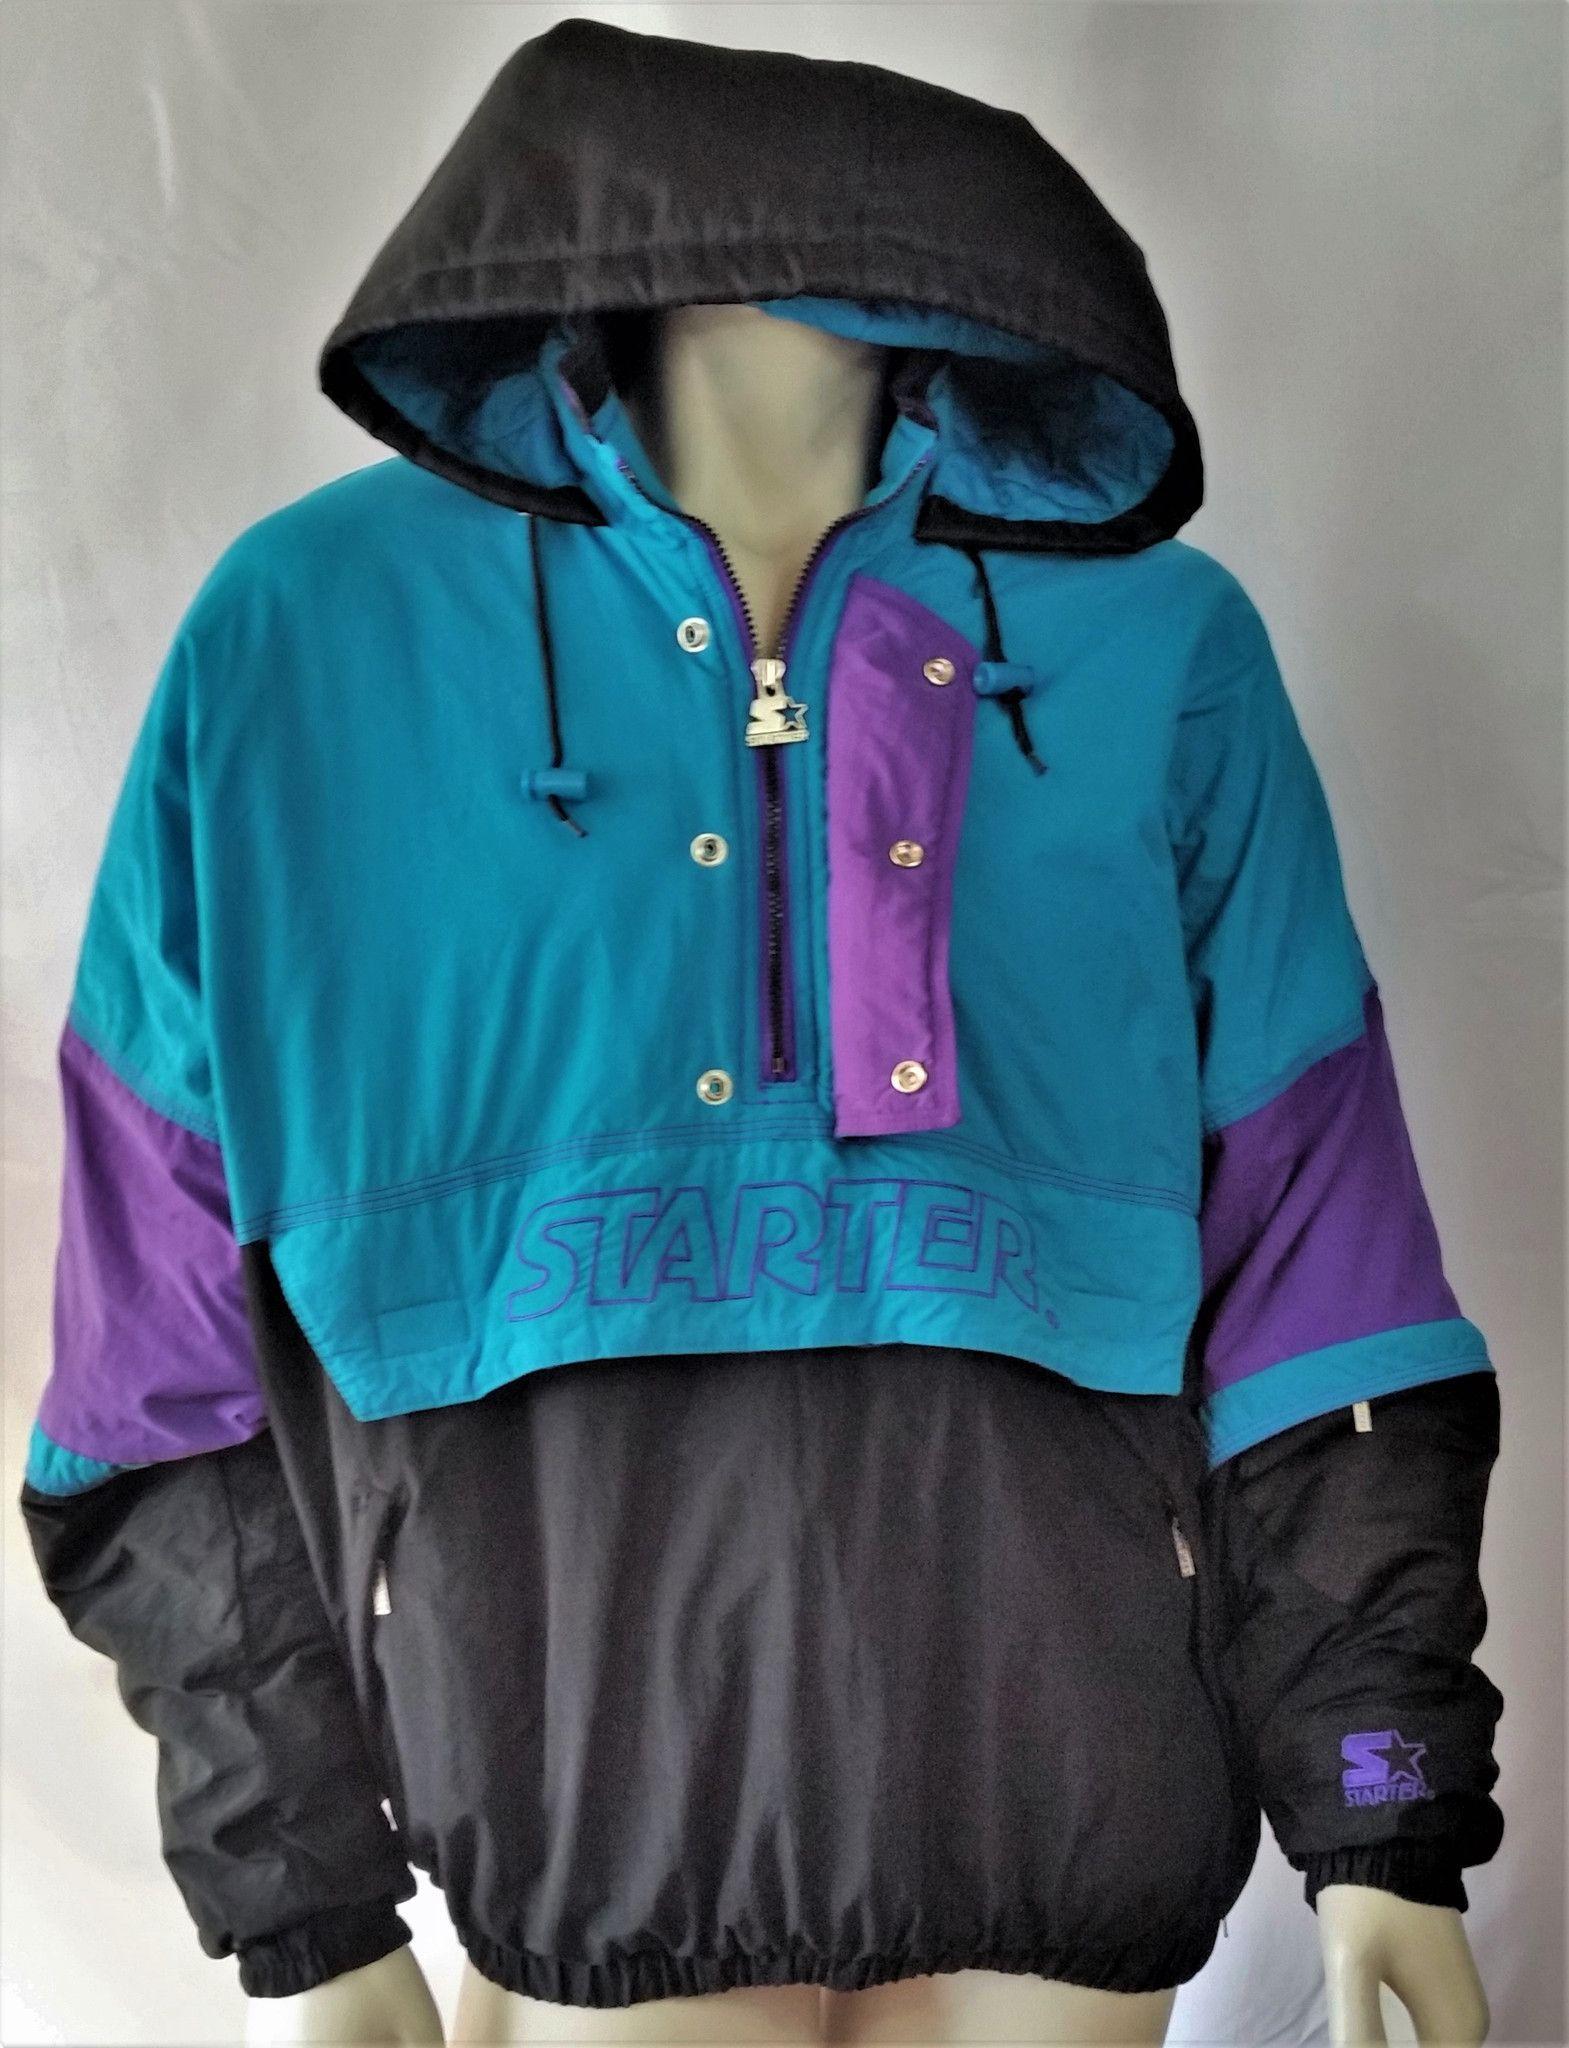 35393a3f66c0 Vintage Starter Jacket Pullover Coat Hood Old Logo 90s Parka Rare Mens Large